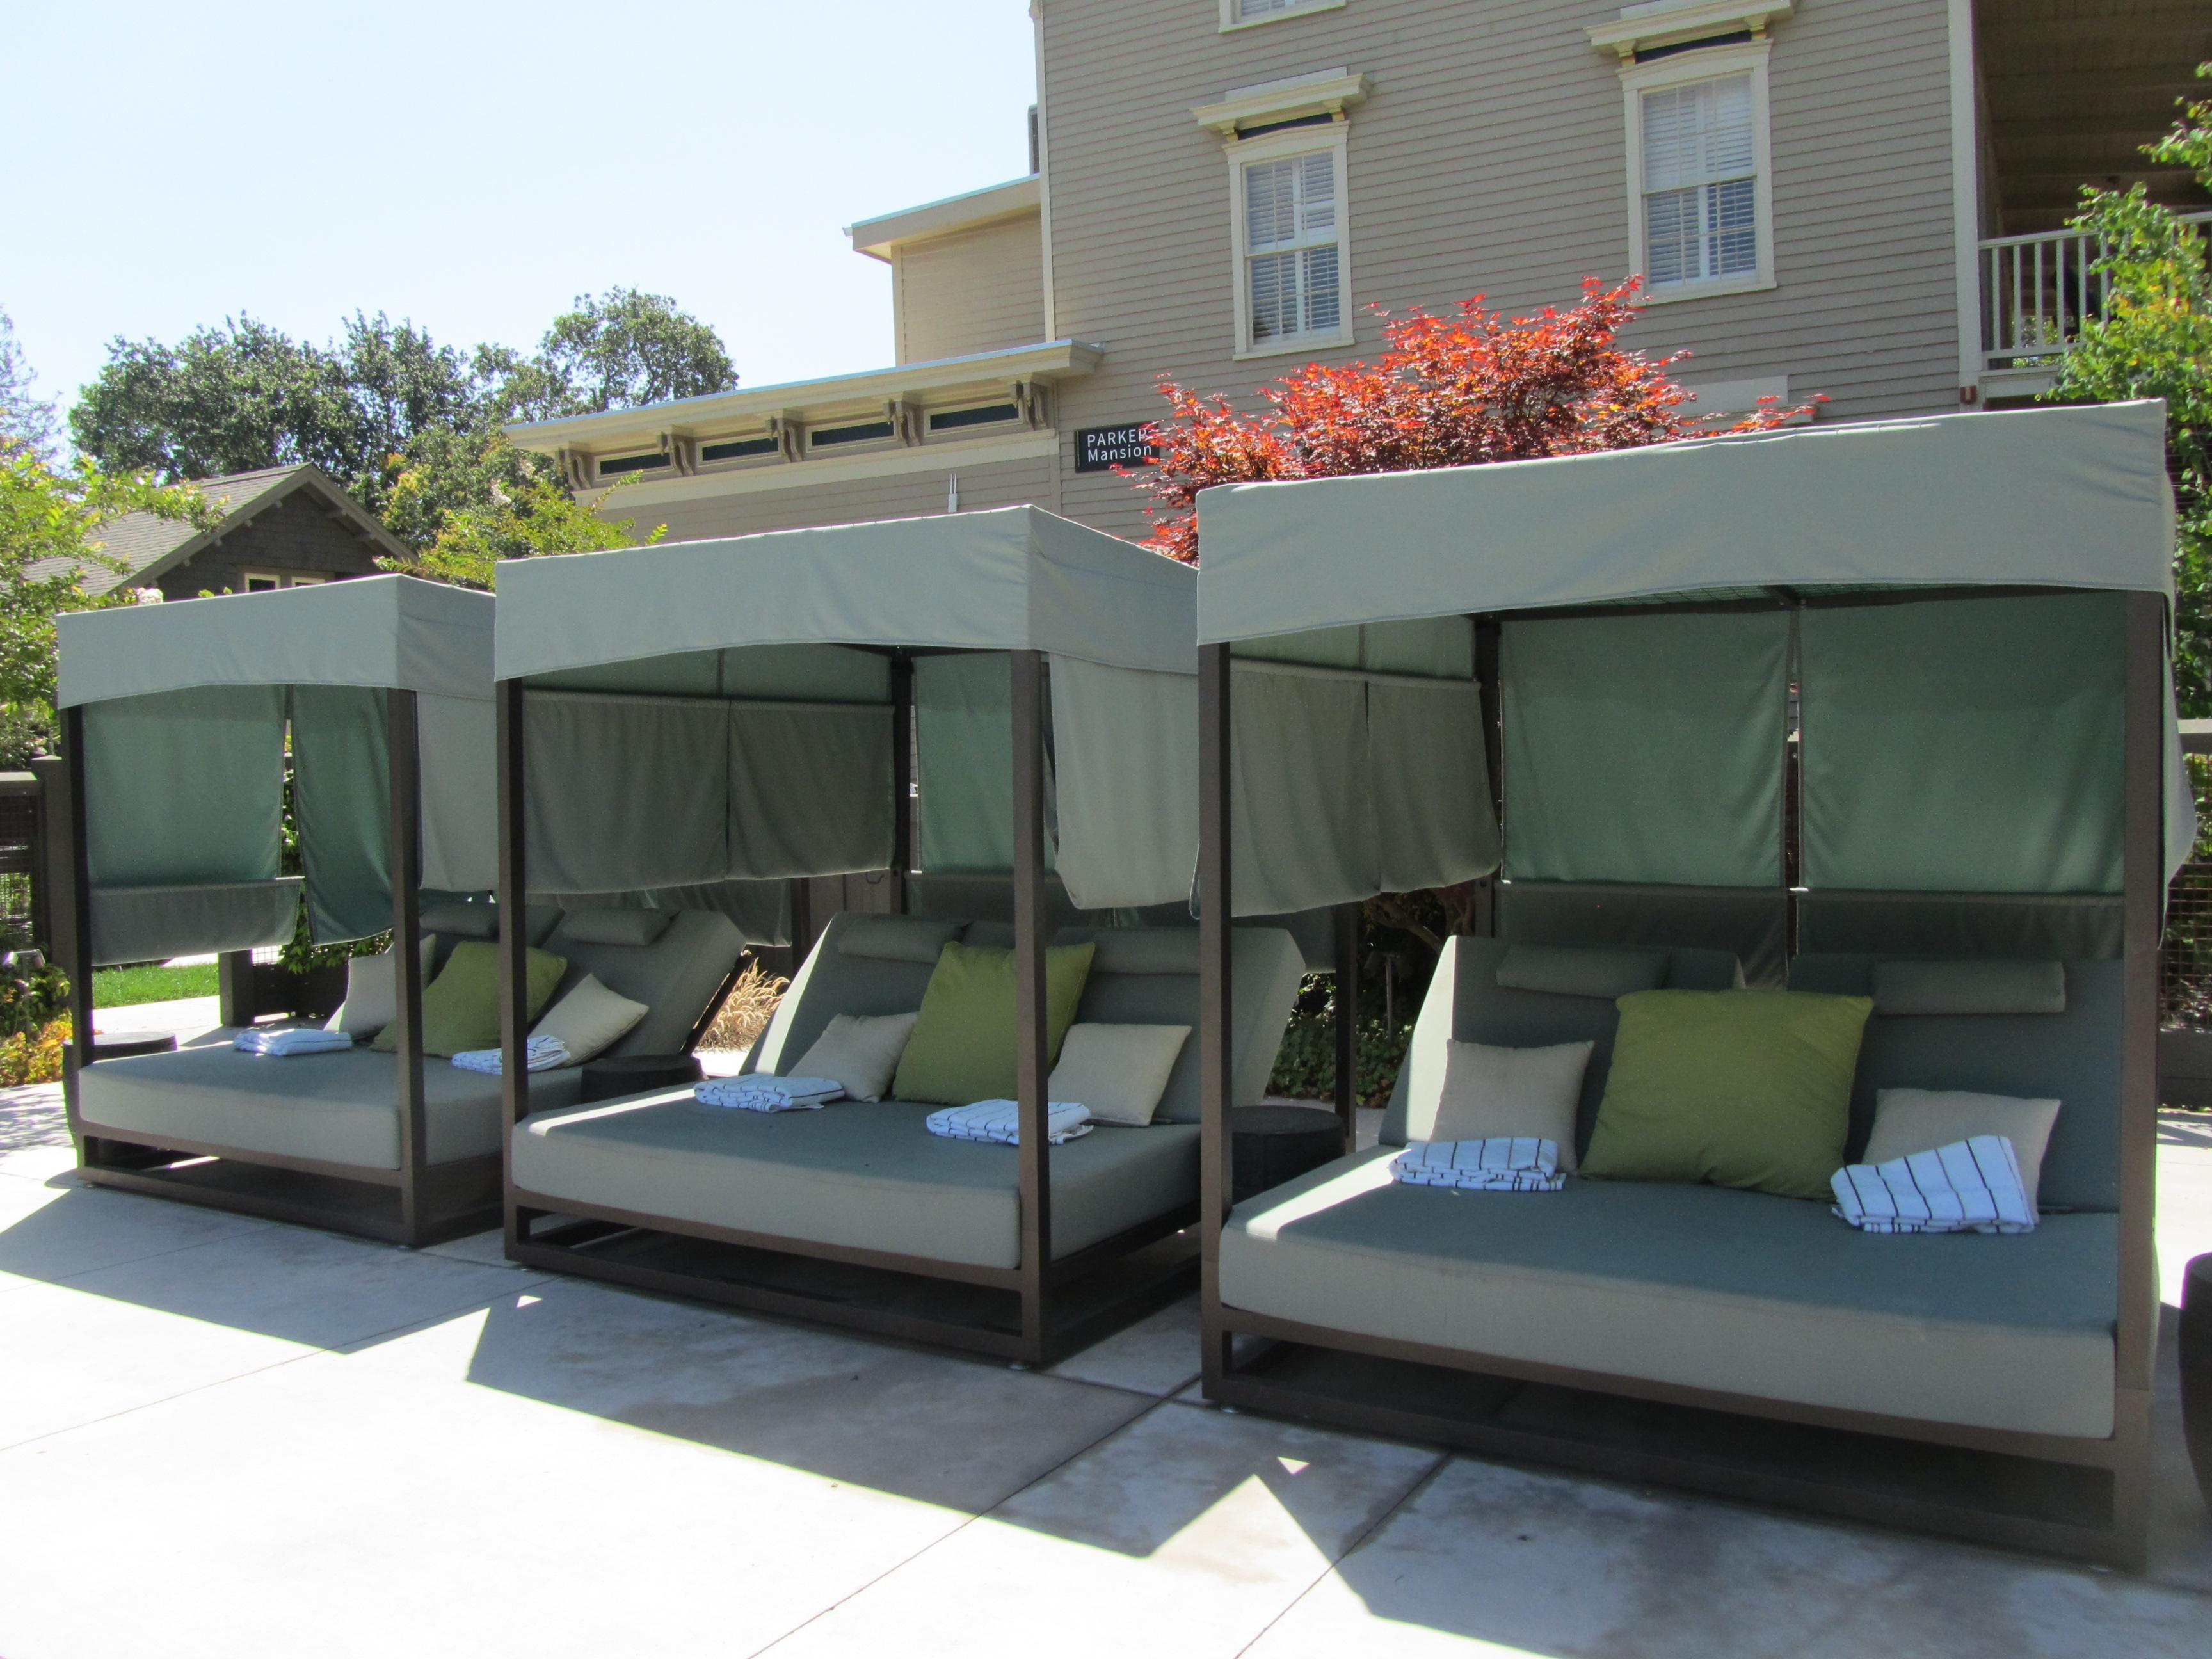 Senza Hotel Outdoor Cabanas